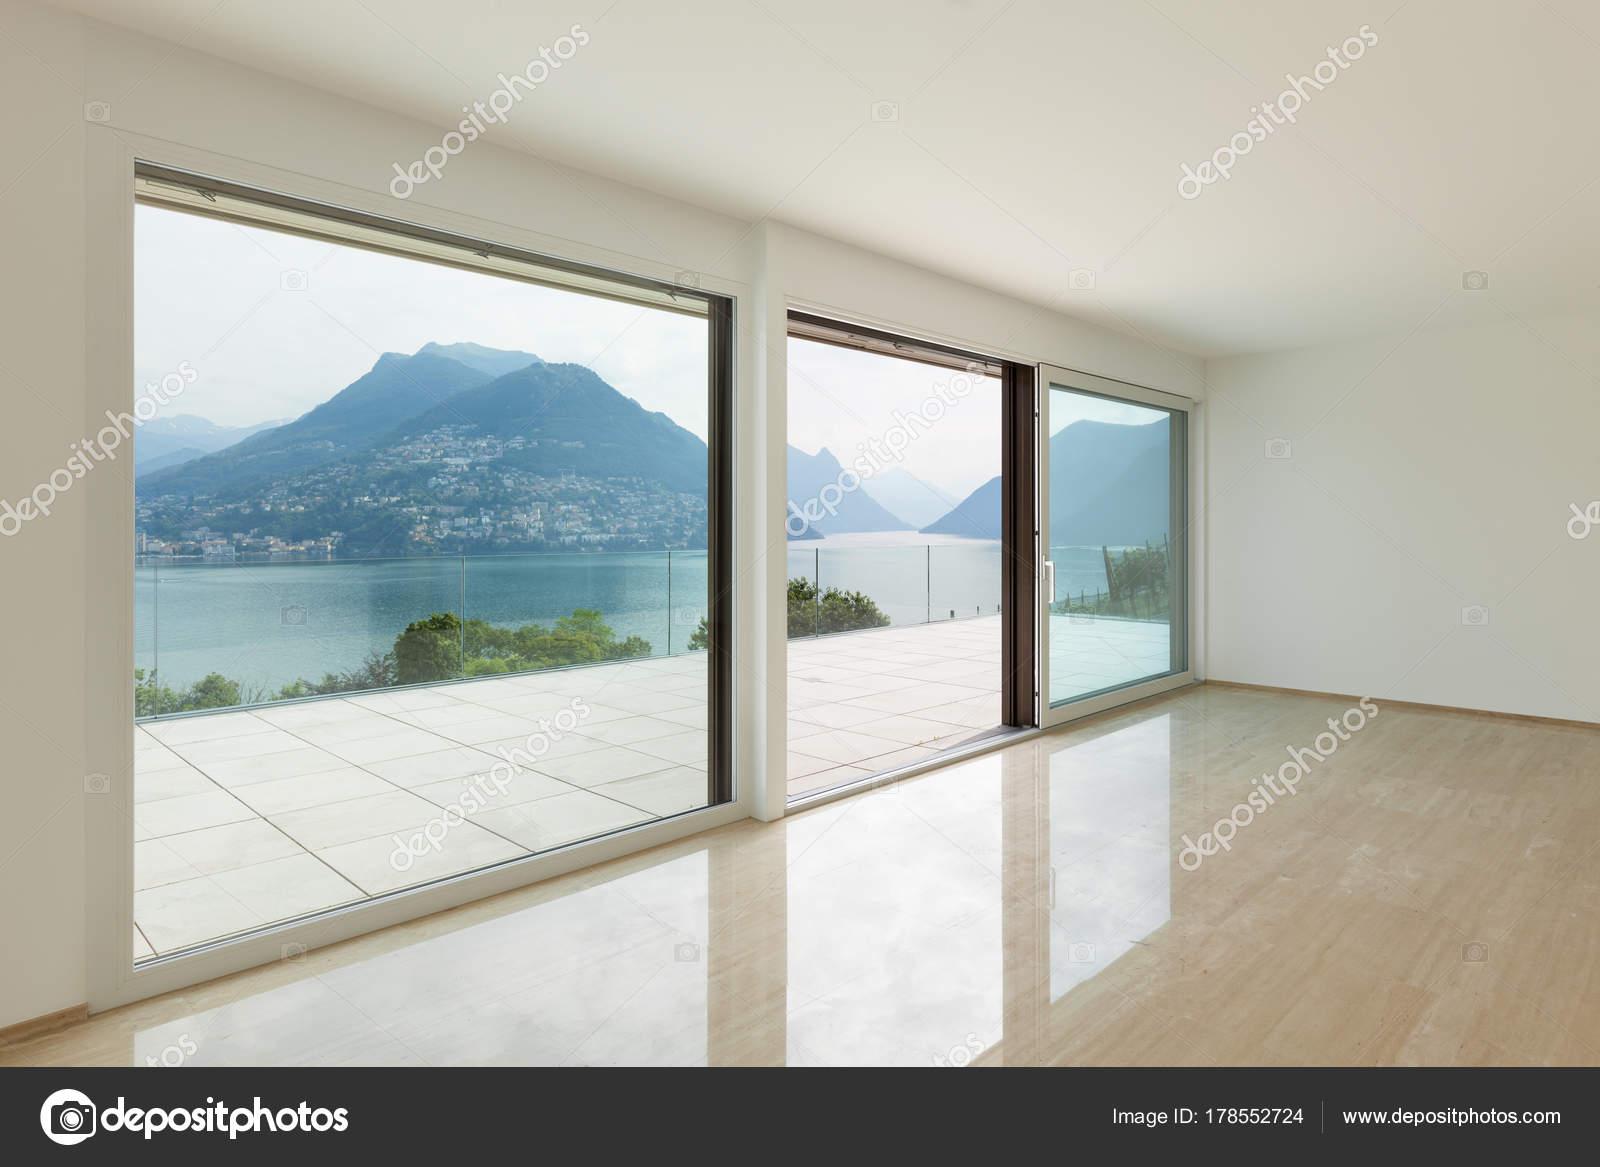 Interieur Moderne Penthouse Leere Wohnzimmer Mit Großen Fenstern